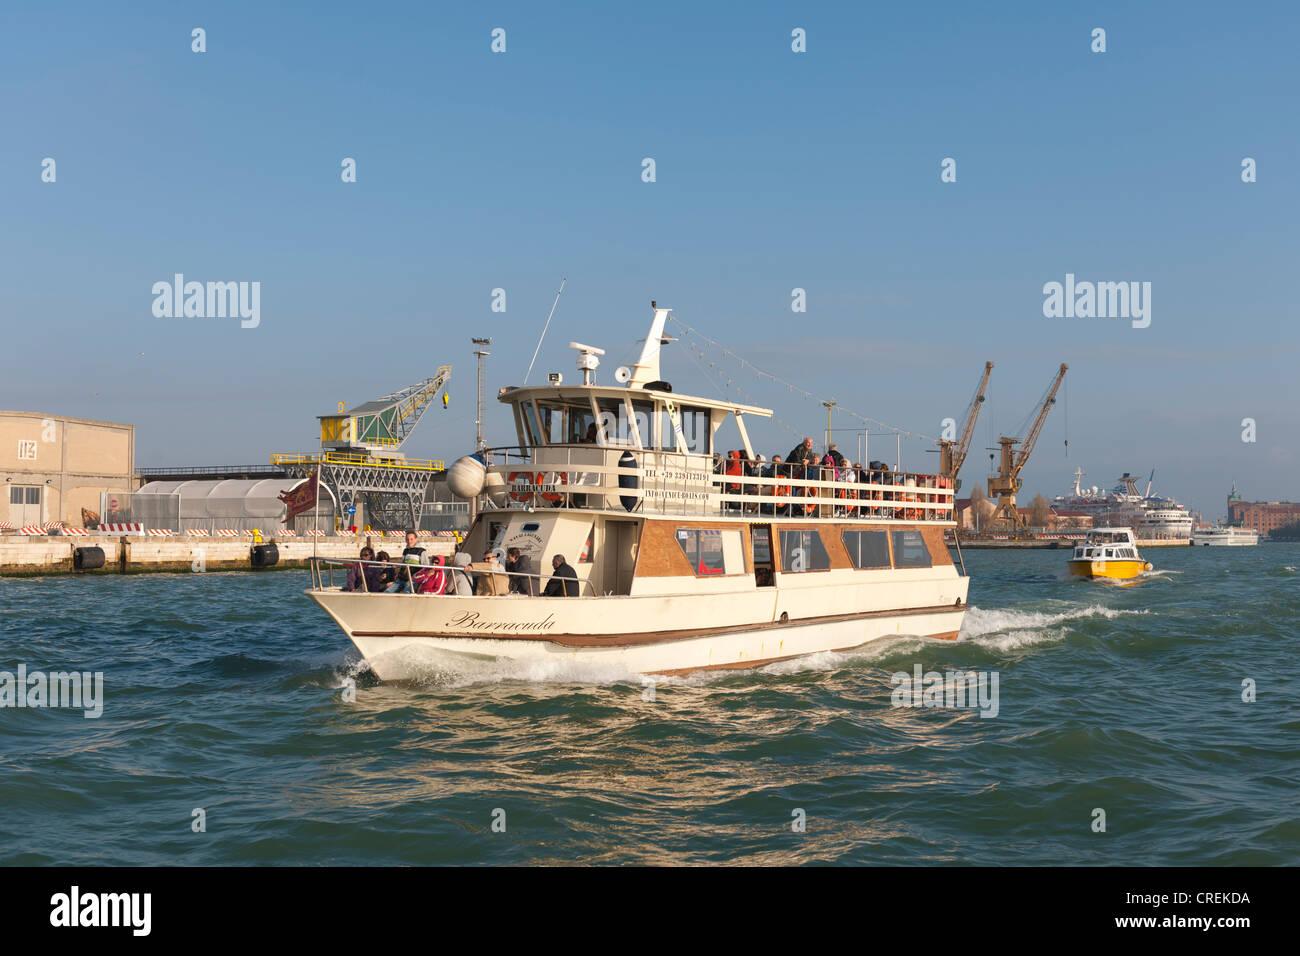 Ferry de Vaporetto conectar todas las islas de la laguna, Venecia, Véneto, Italia, en el sur de Europa Imagen De Stock